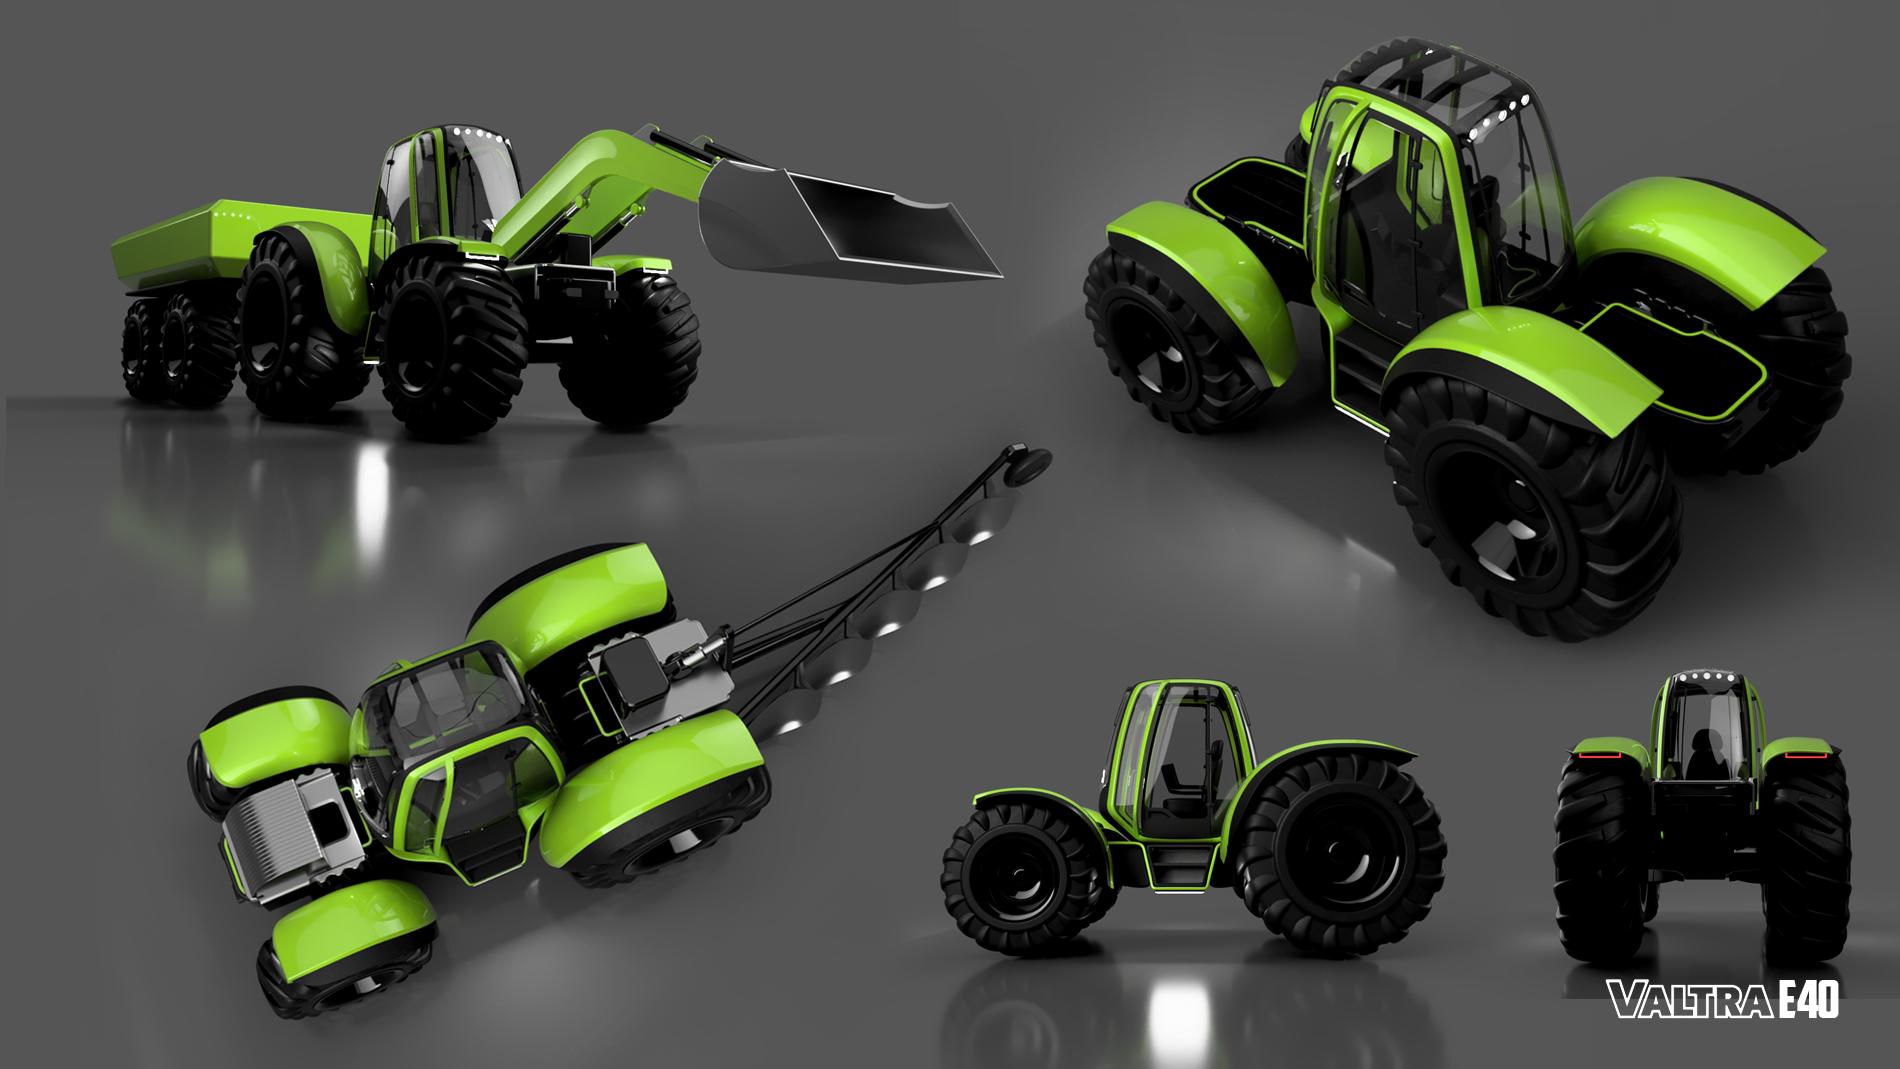 Valtra E40 | Tractor